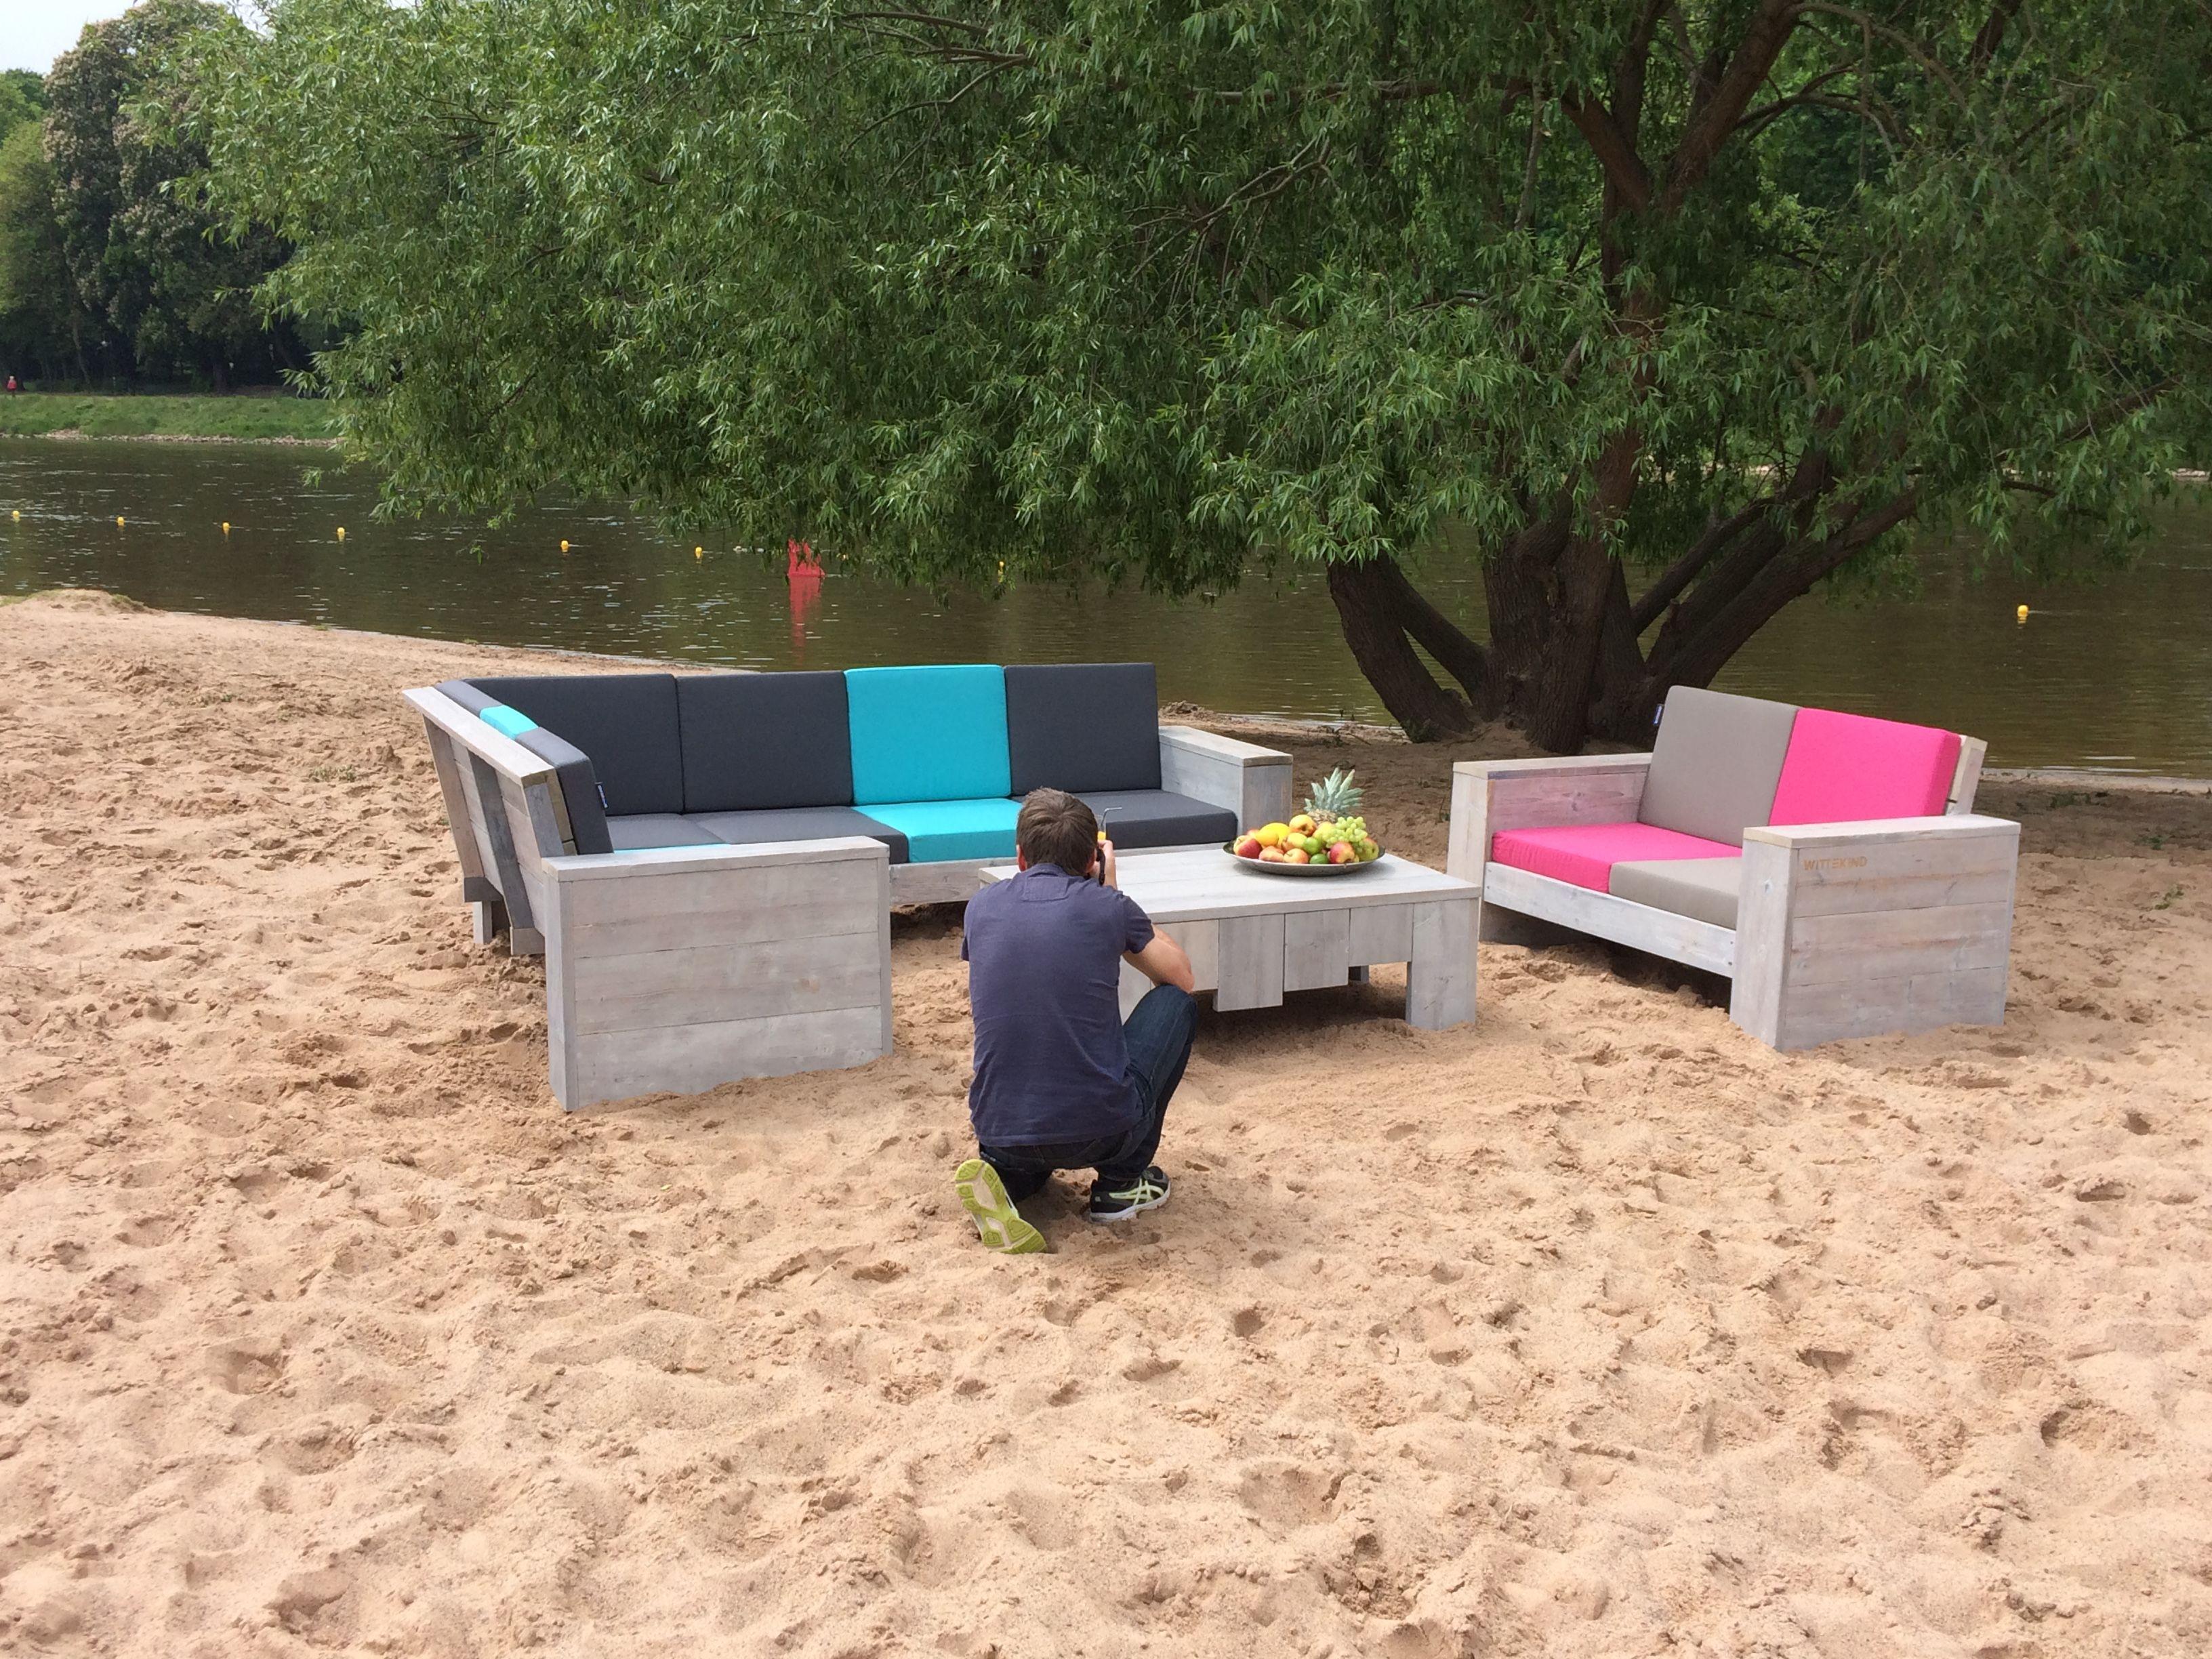 Möbel Boss Dessau öffnungszeiten 22 Juni Sternzeichen Gartenfackel